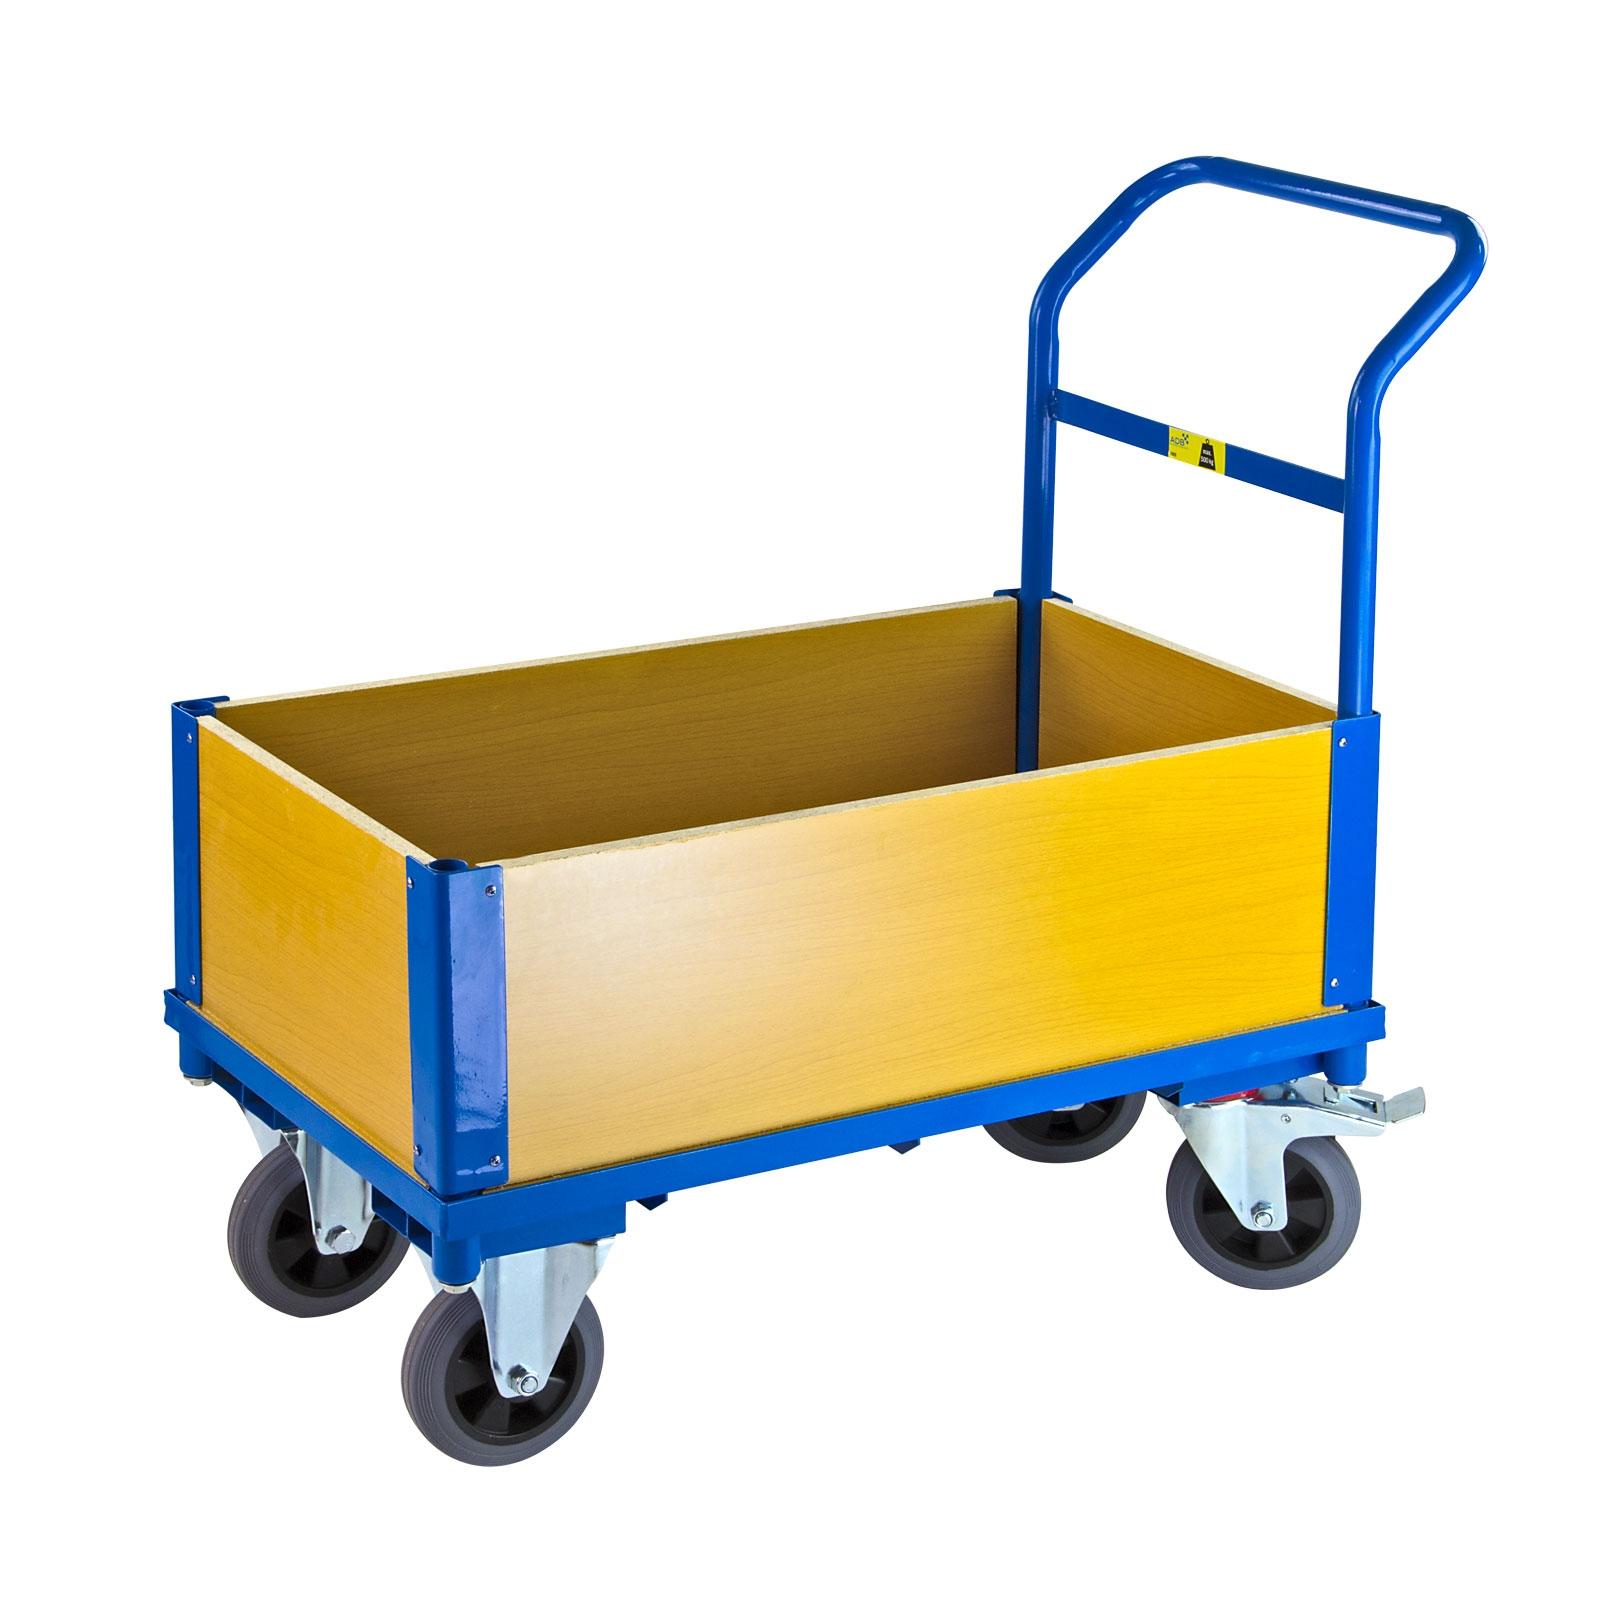 ADB Transportwagen Gitterwagen Plattformwagen Rollwagen Magazinwagen 400 kg